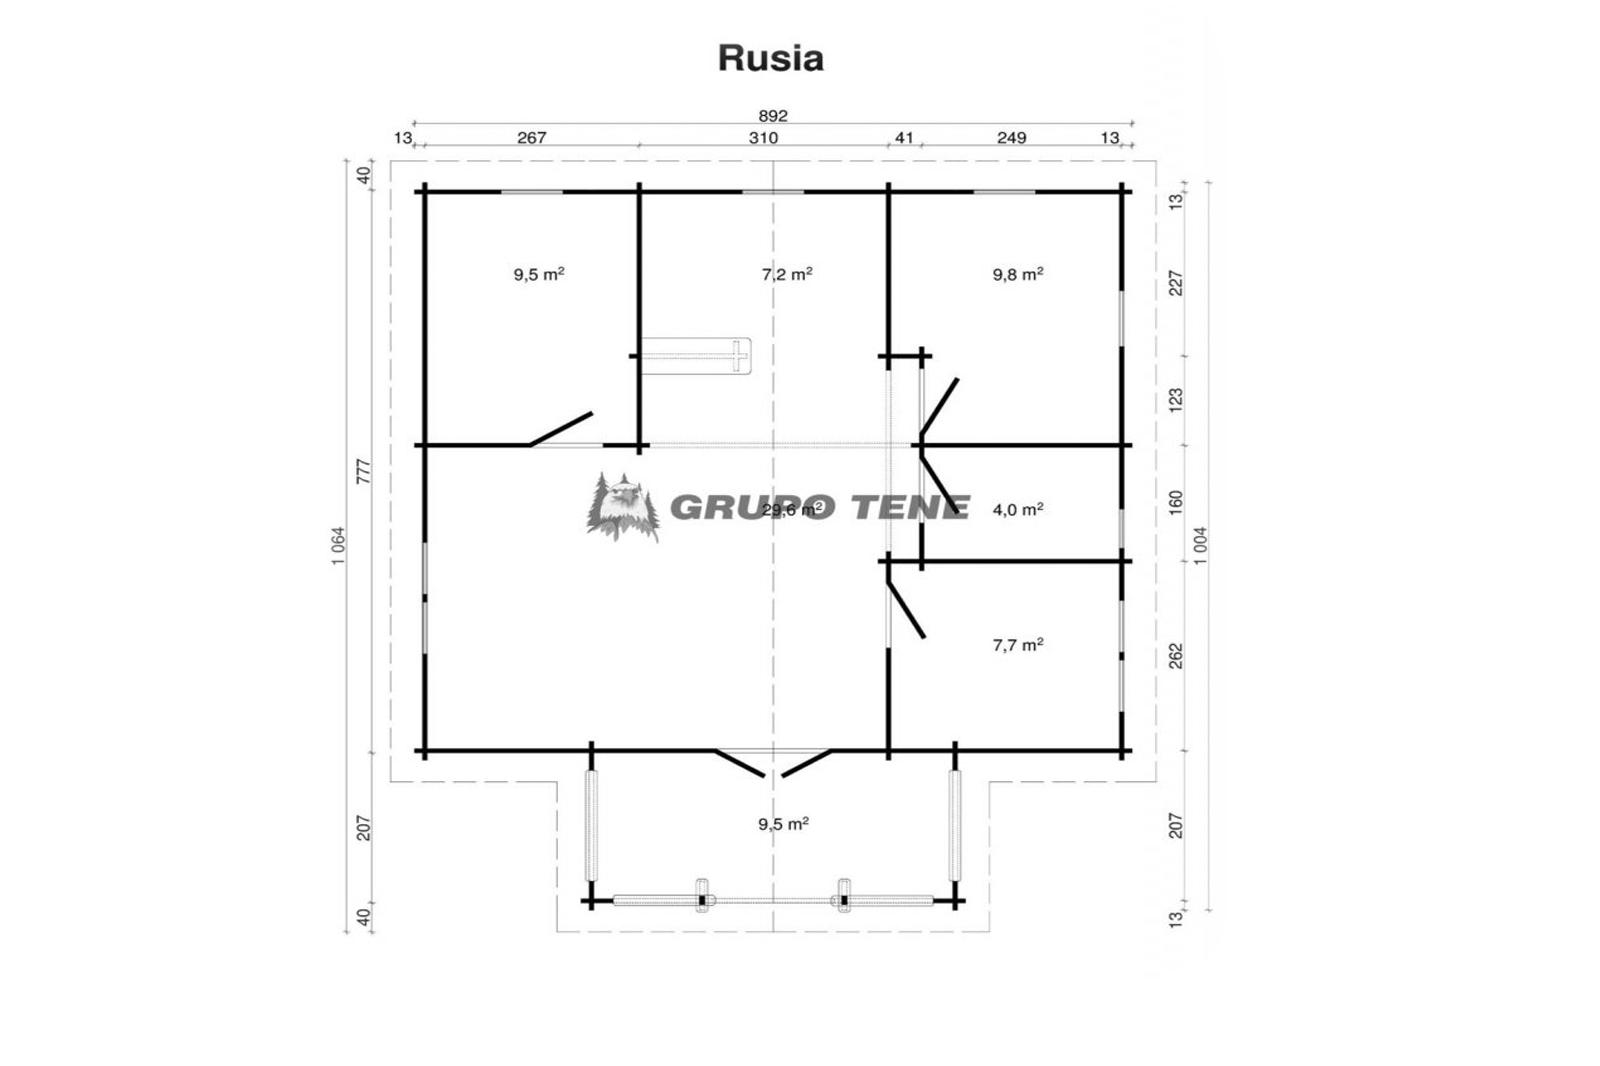 plano-rusia